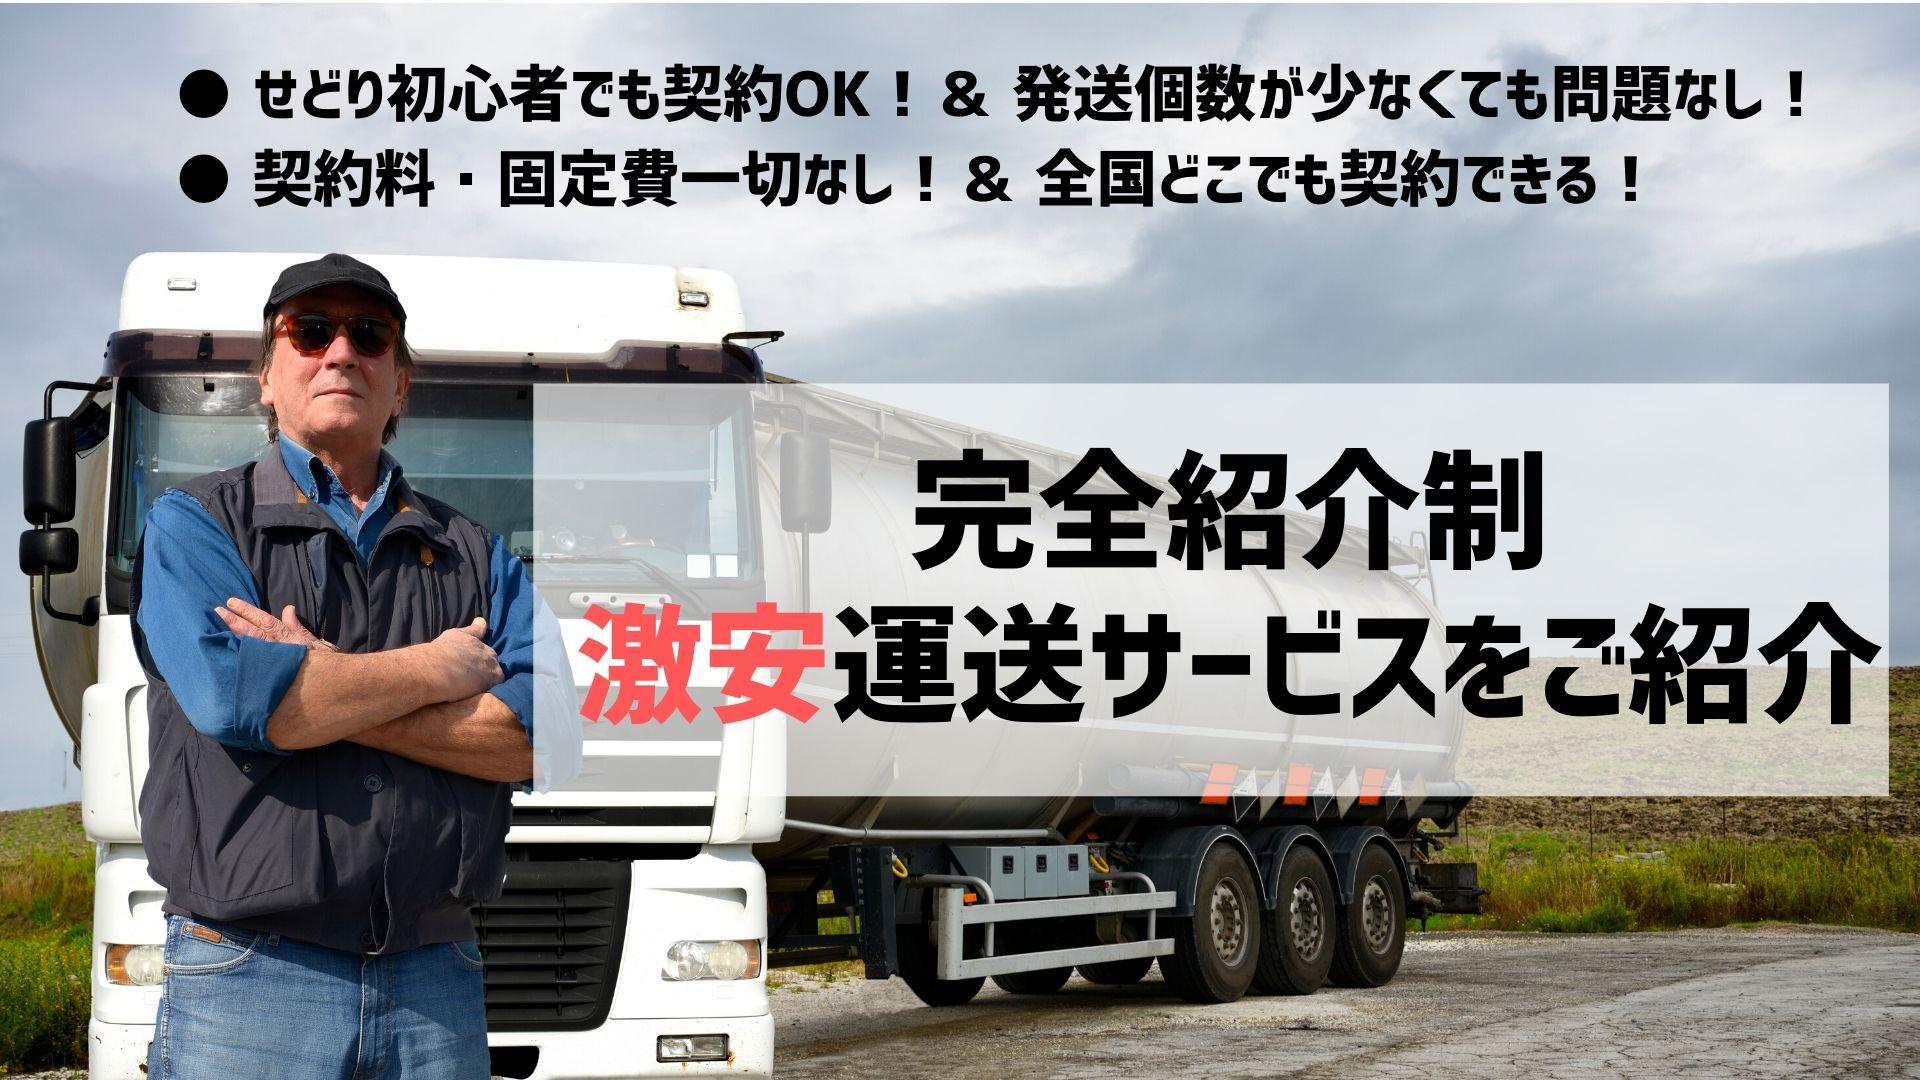 せどりの送料を安くする激安運送サービスの紹介